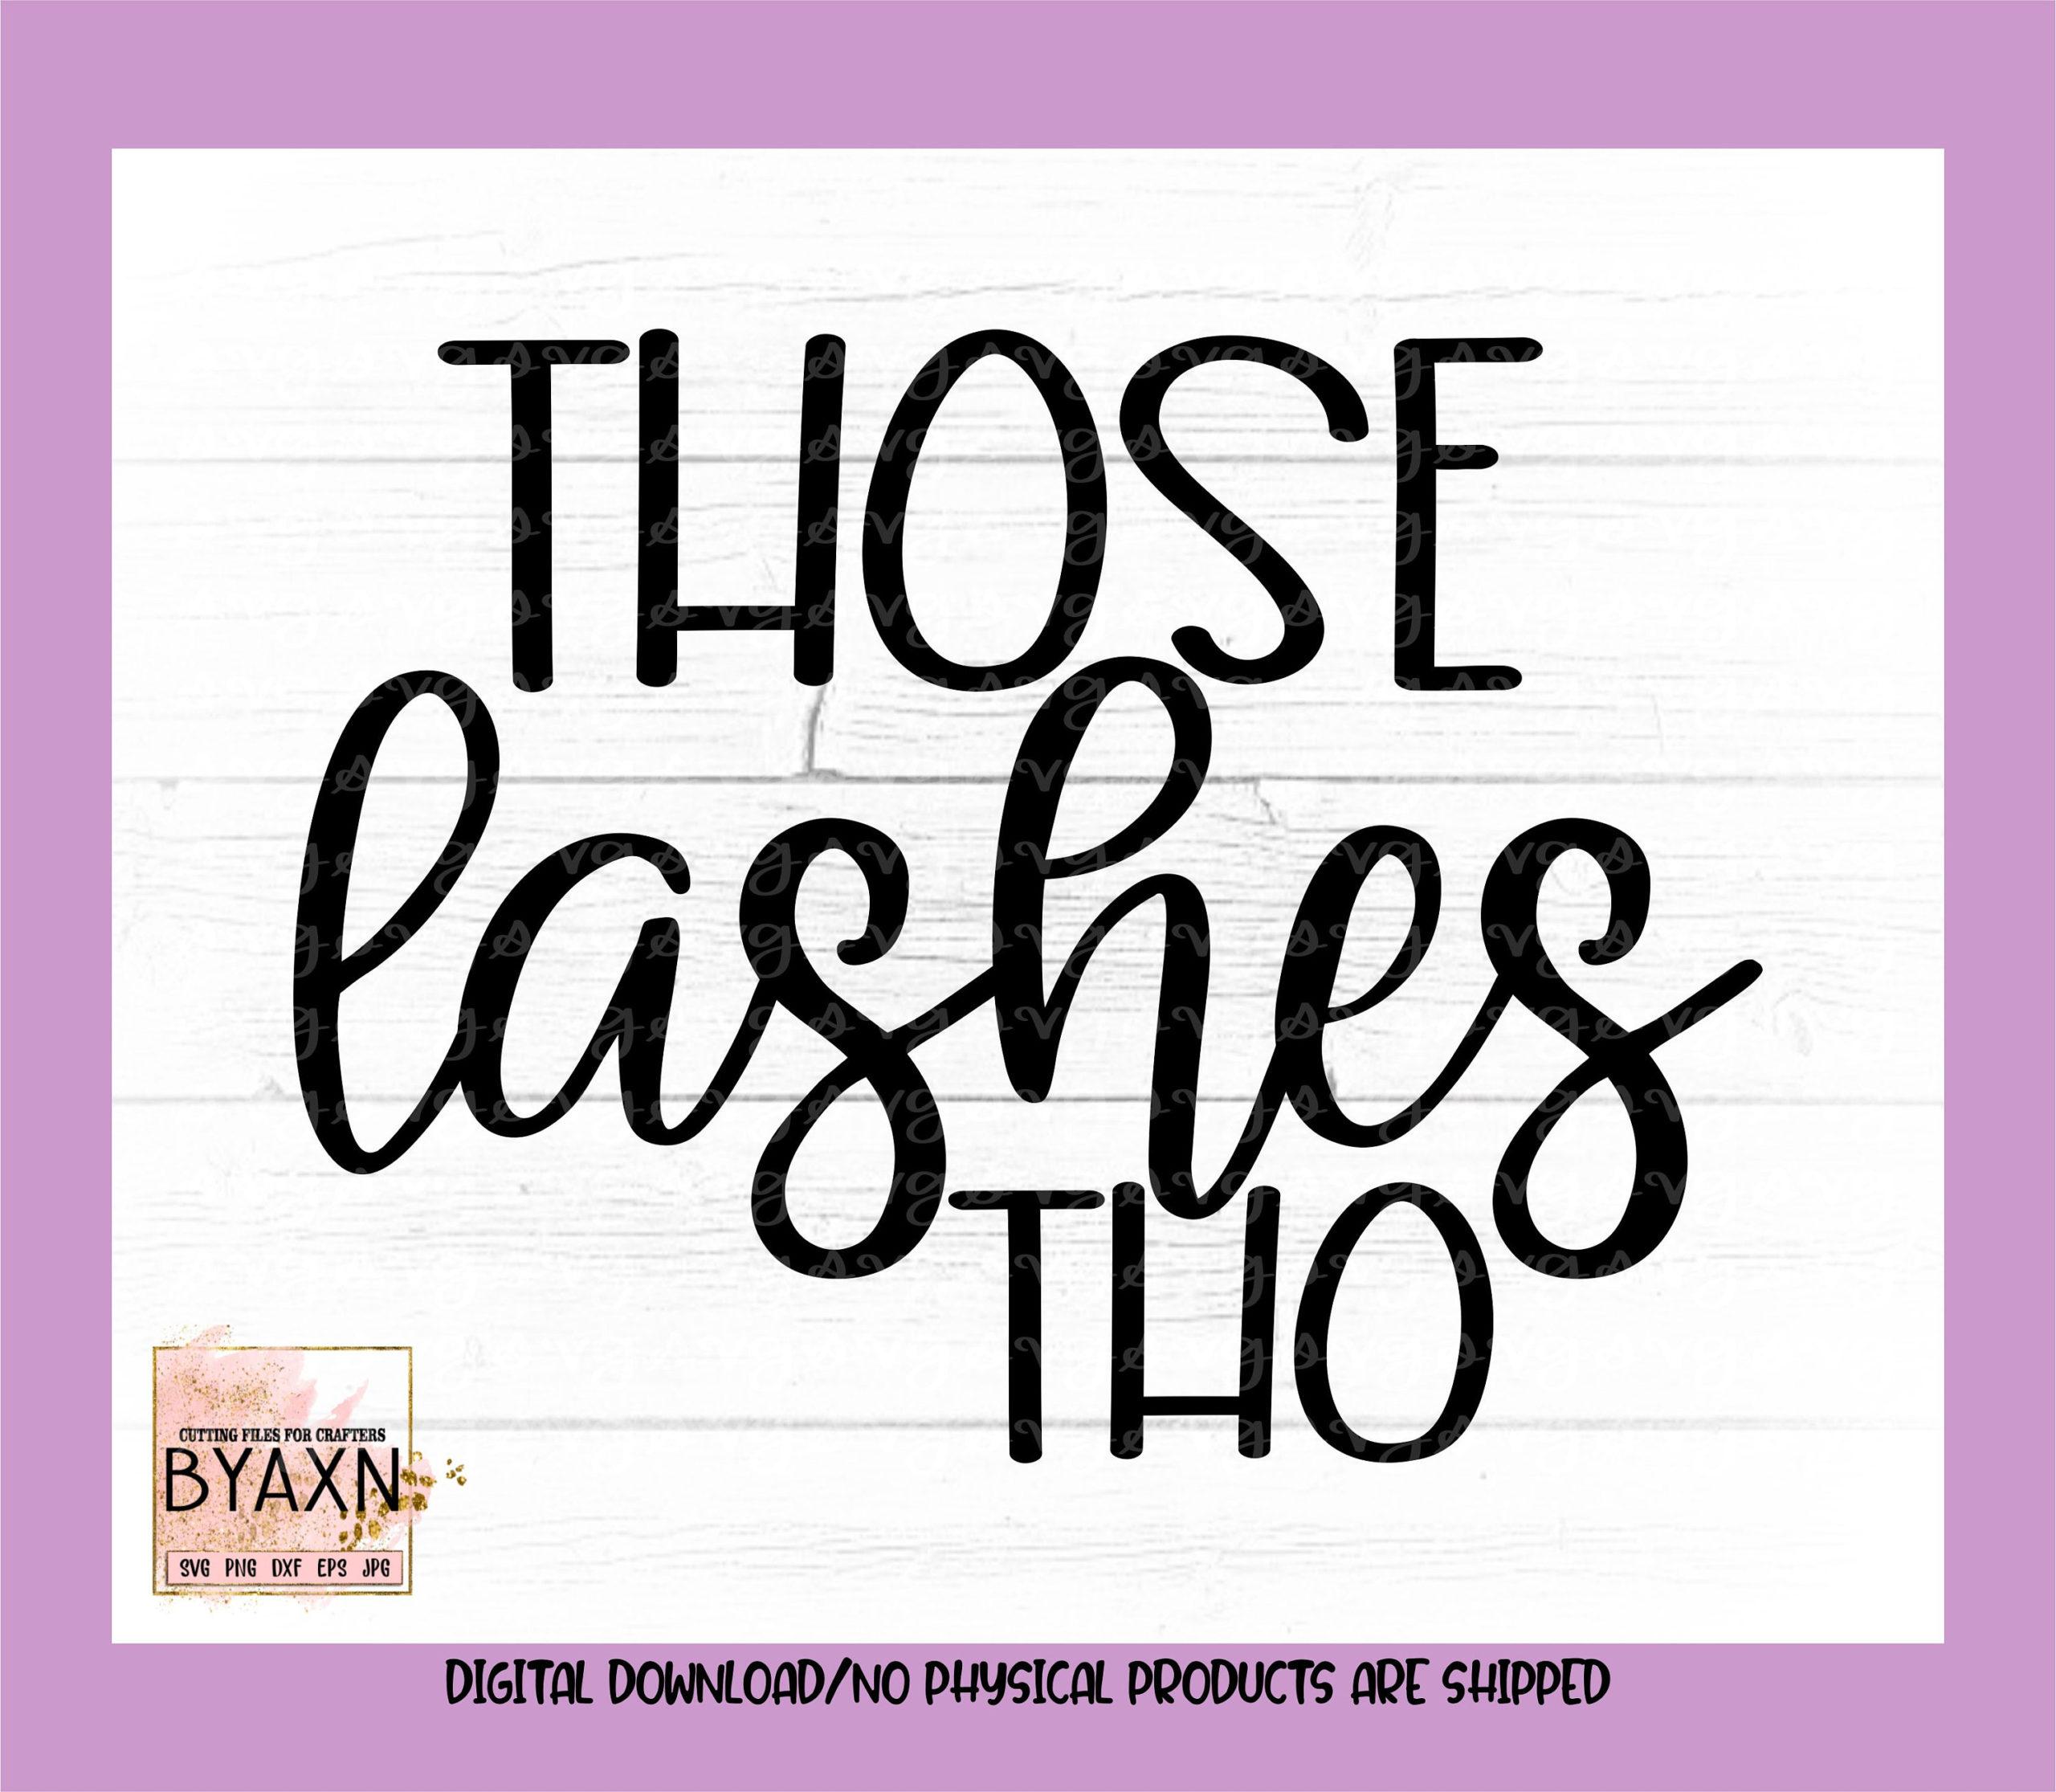 Make-up-svgthose-lashes-tho-svg-makeup-lover-svg-eyelashes-svg-lashes-svg-mascara-svg-makeup-svg-design-makeup-cut-file-cricut-svg-60514c20